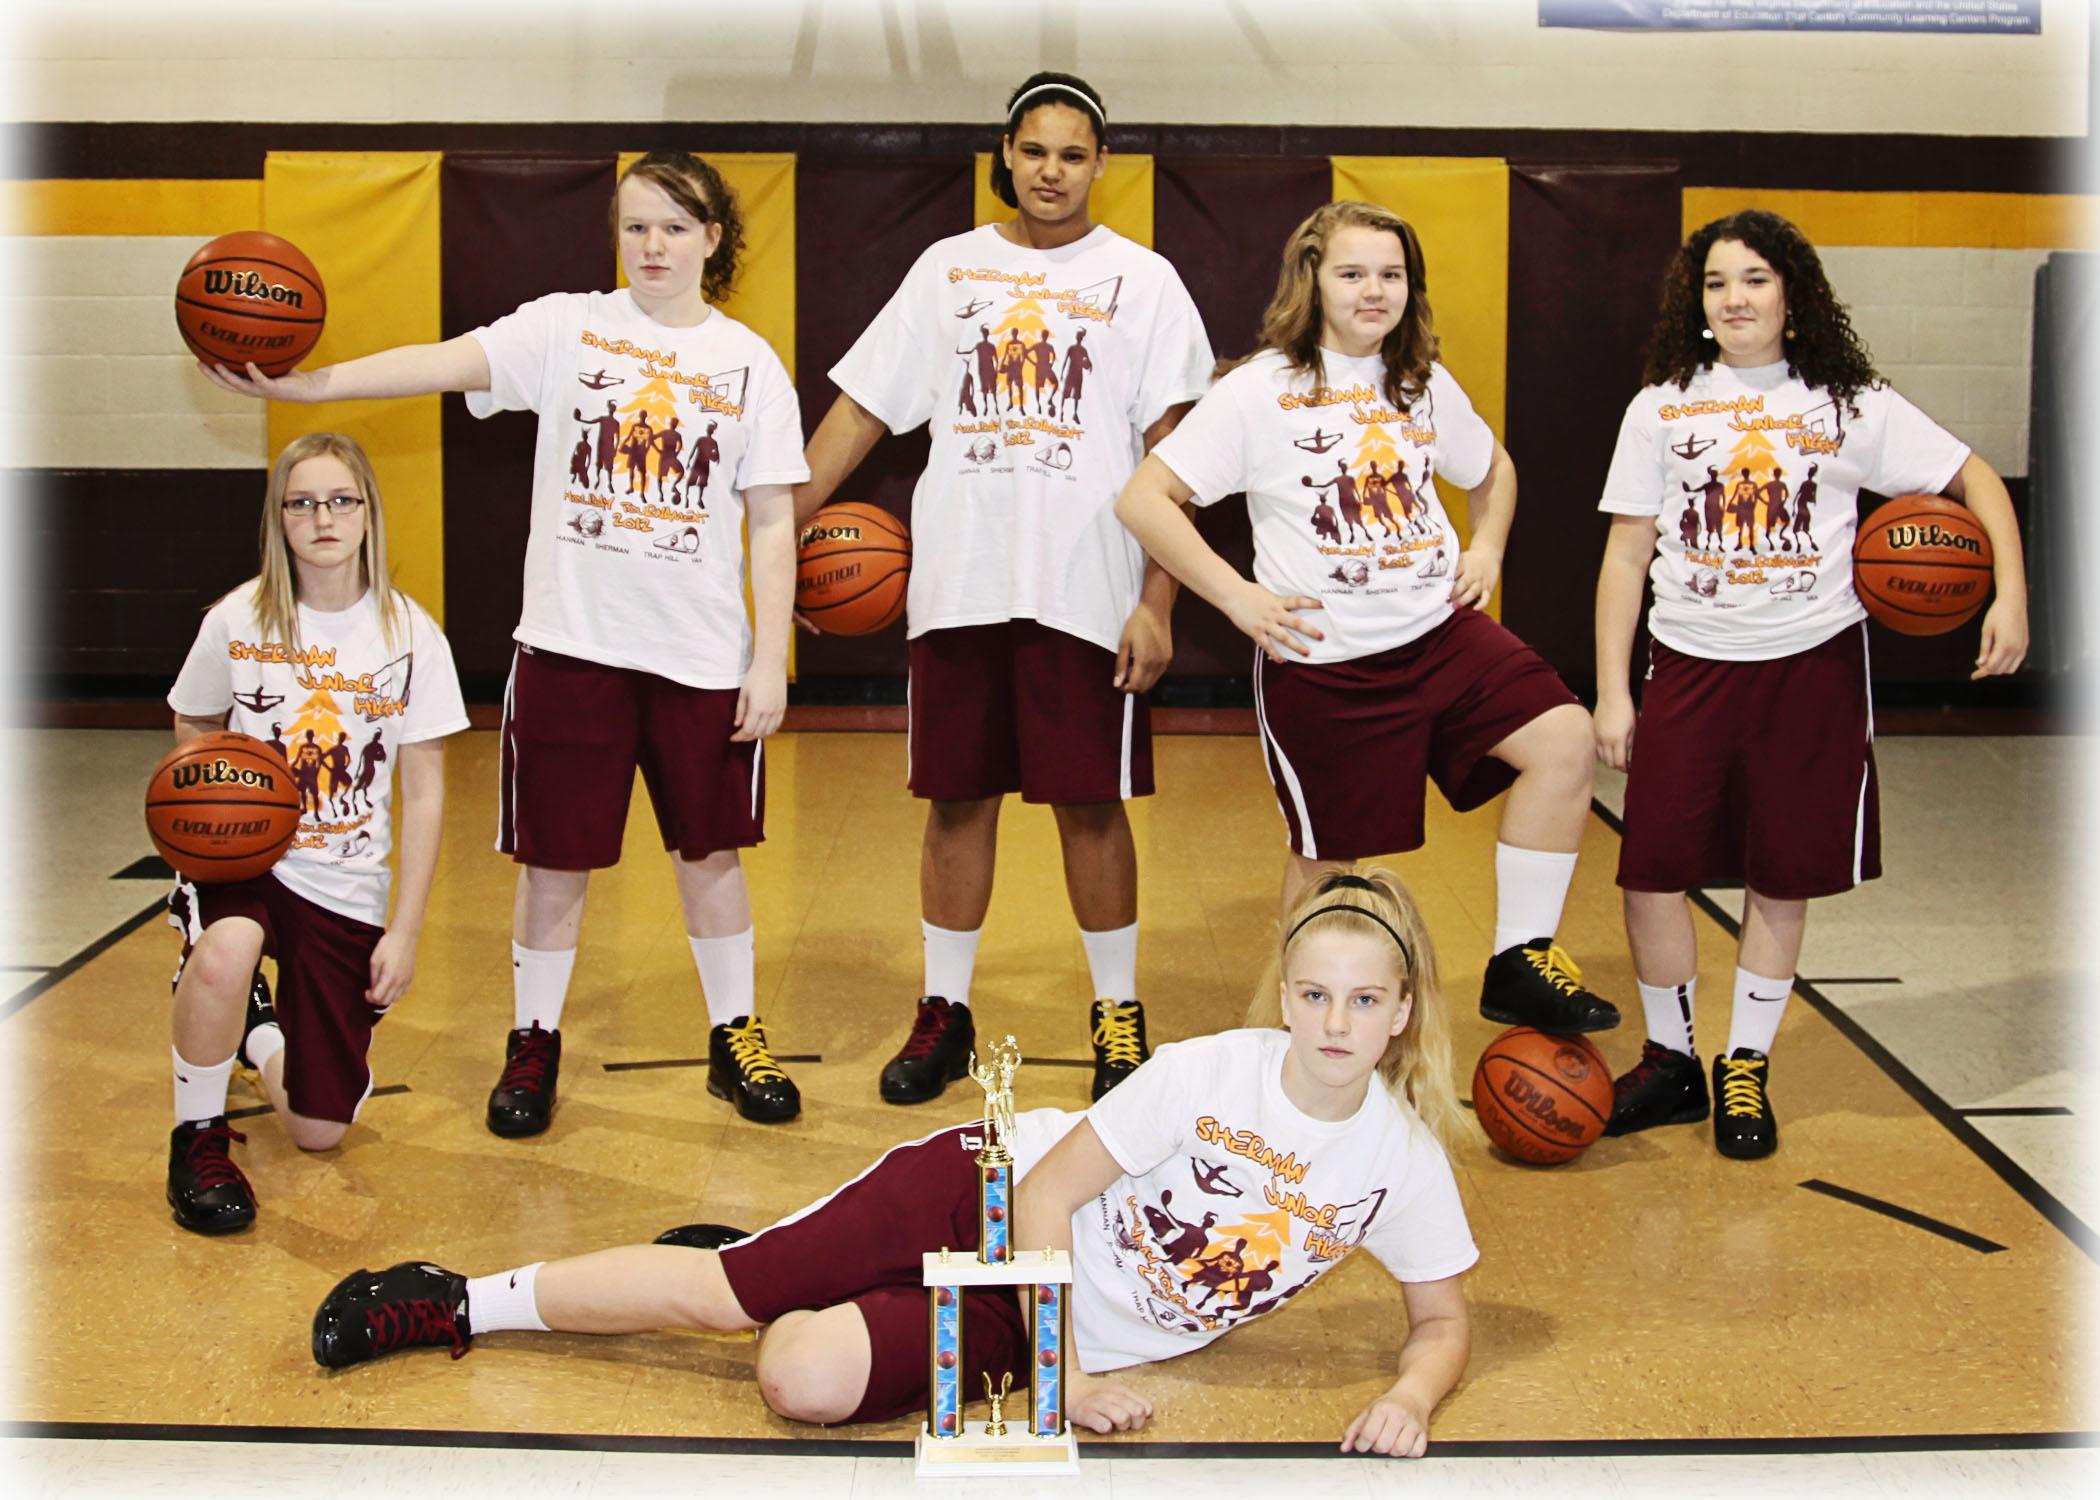 sherman junior high girls basketball t shirt photo - Basketball T Shirt Design Ideas